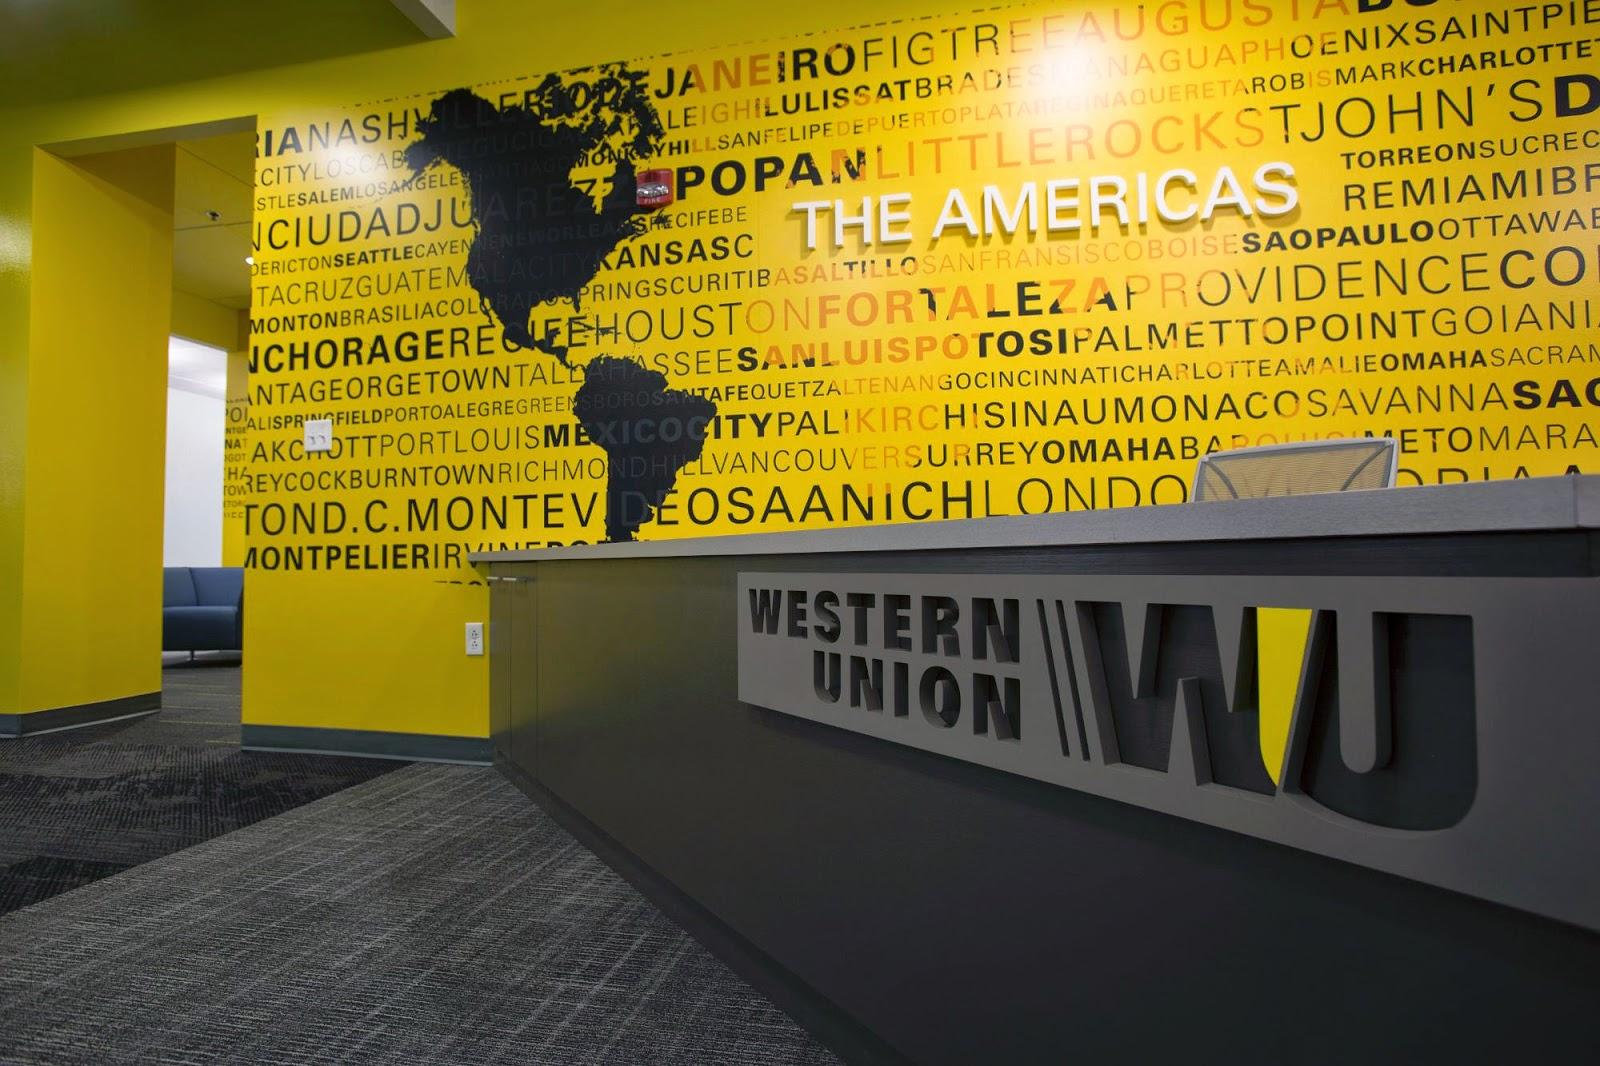 Western union - Western Union 41